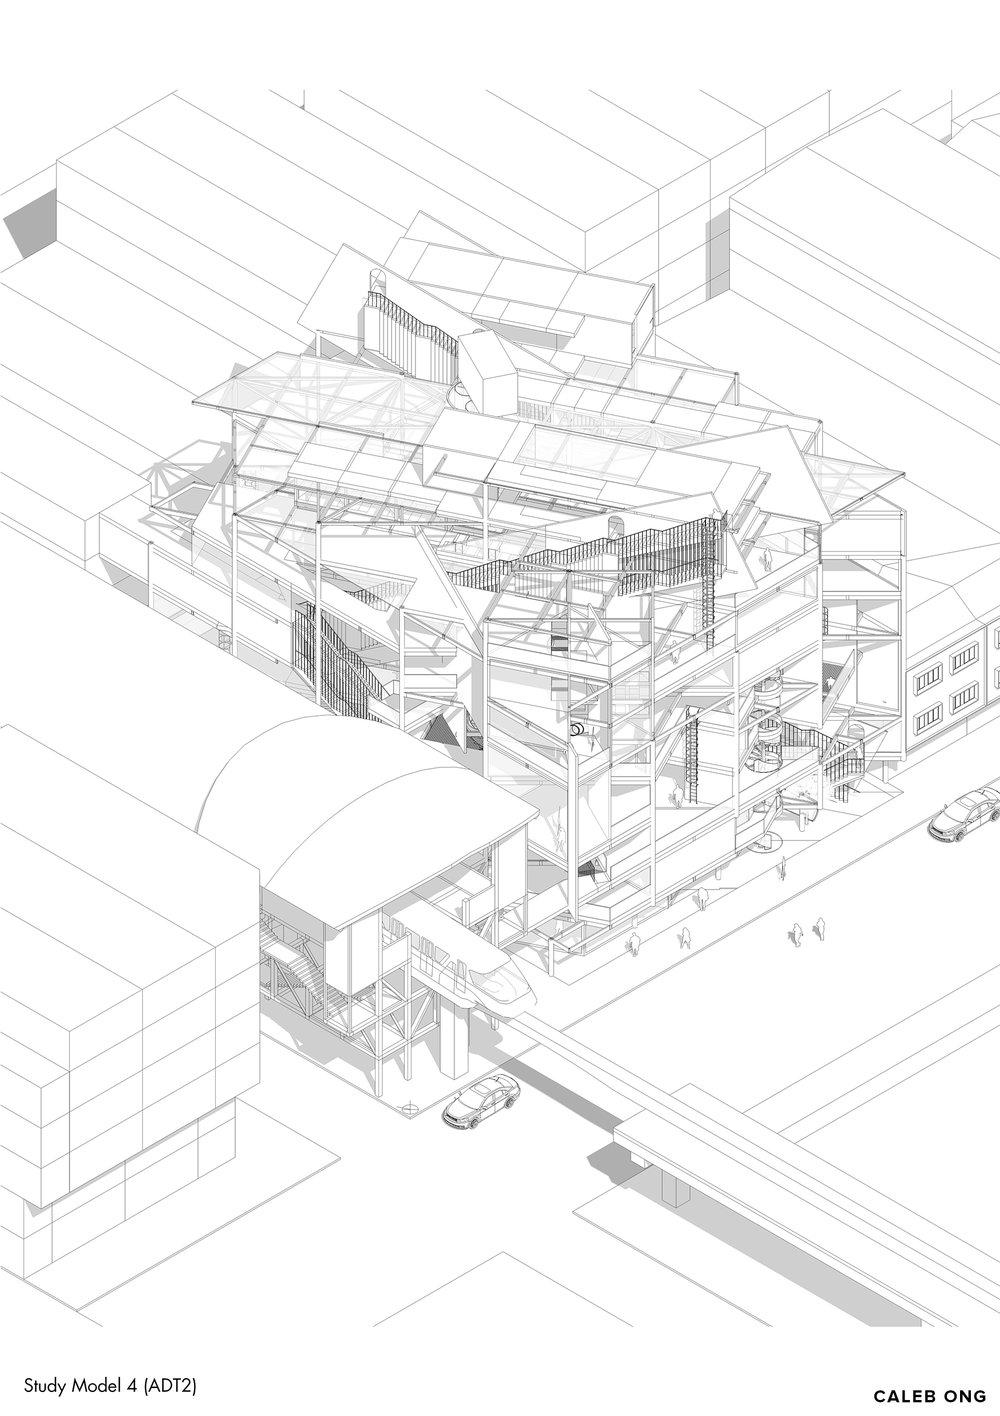 Design Phase 4 (ADT2)